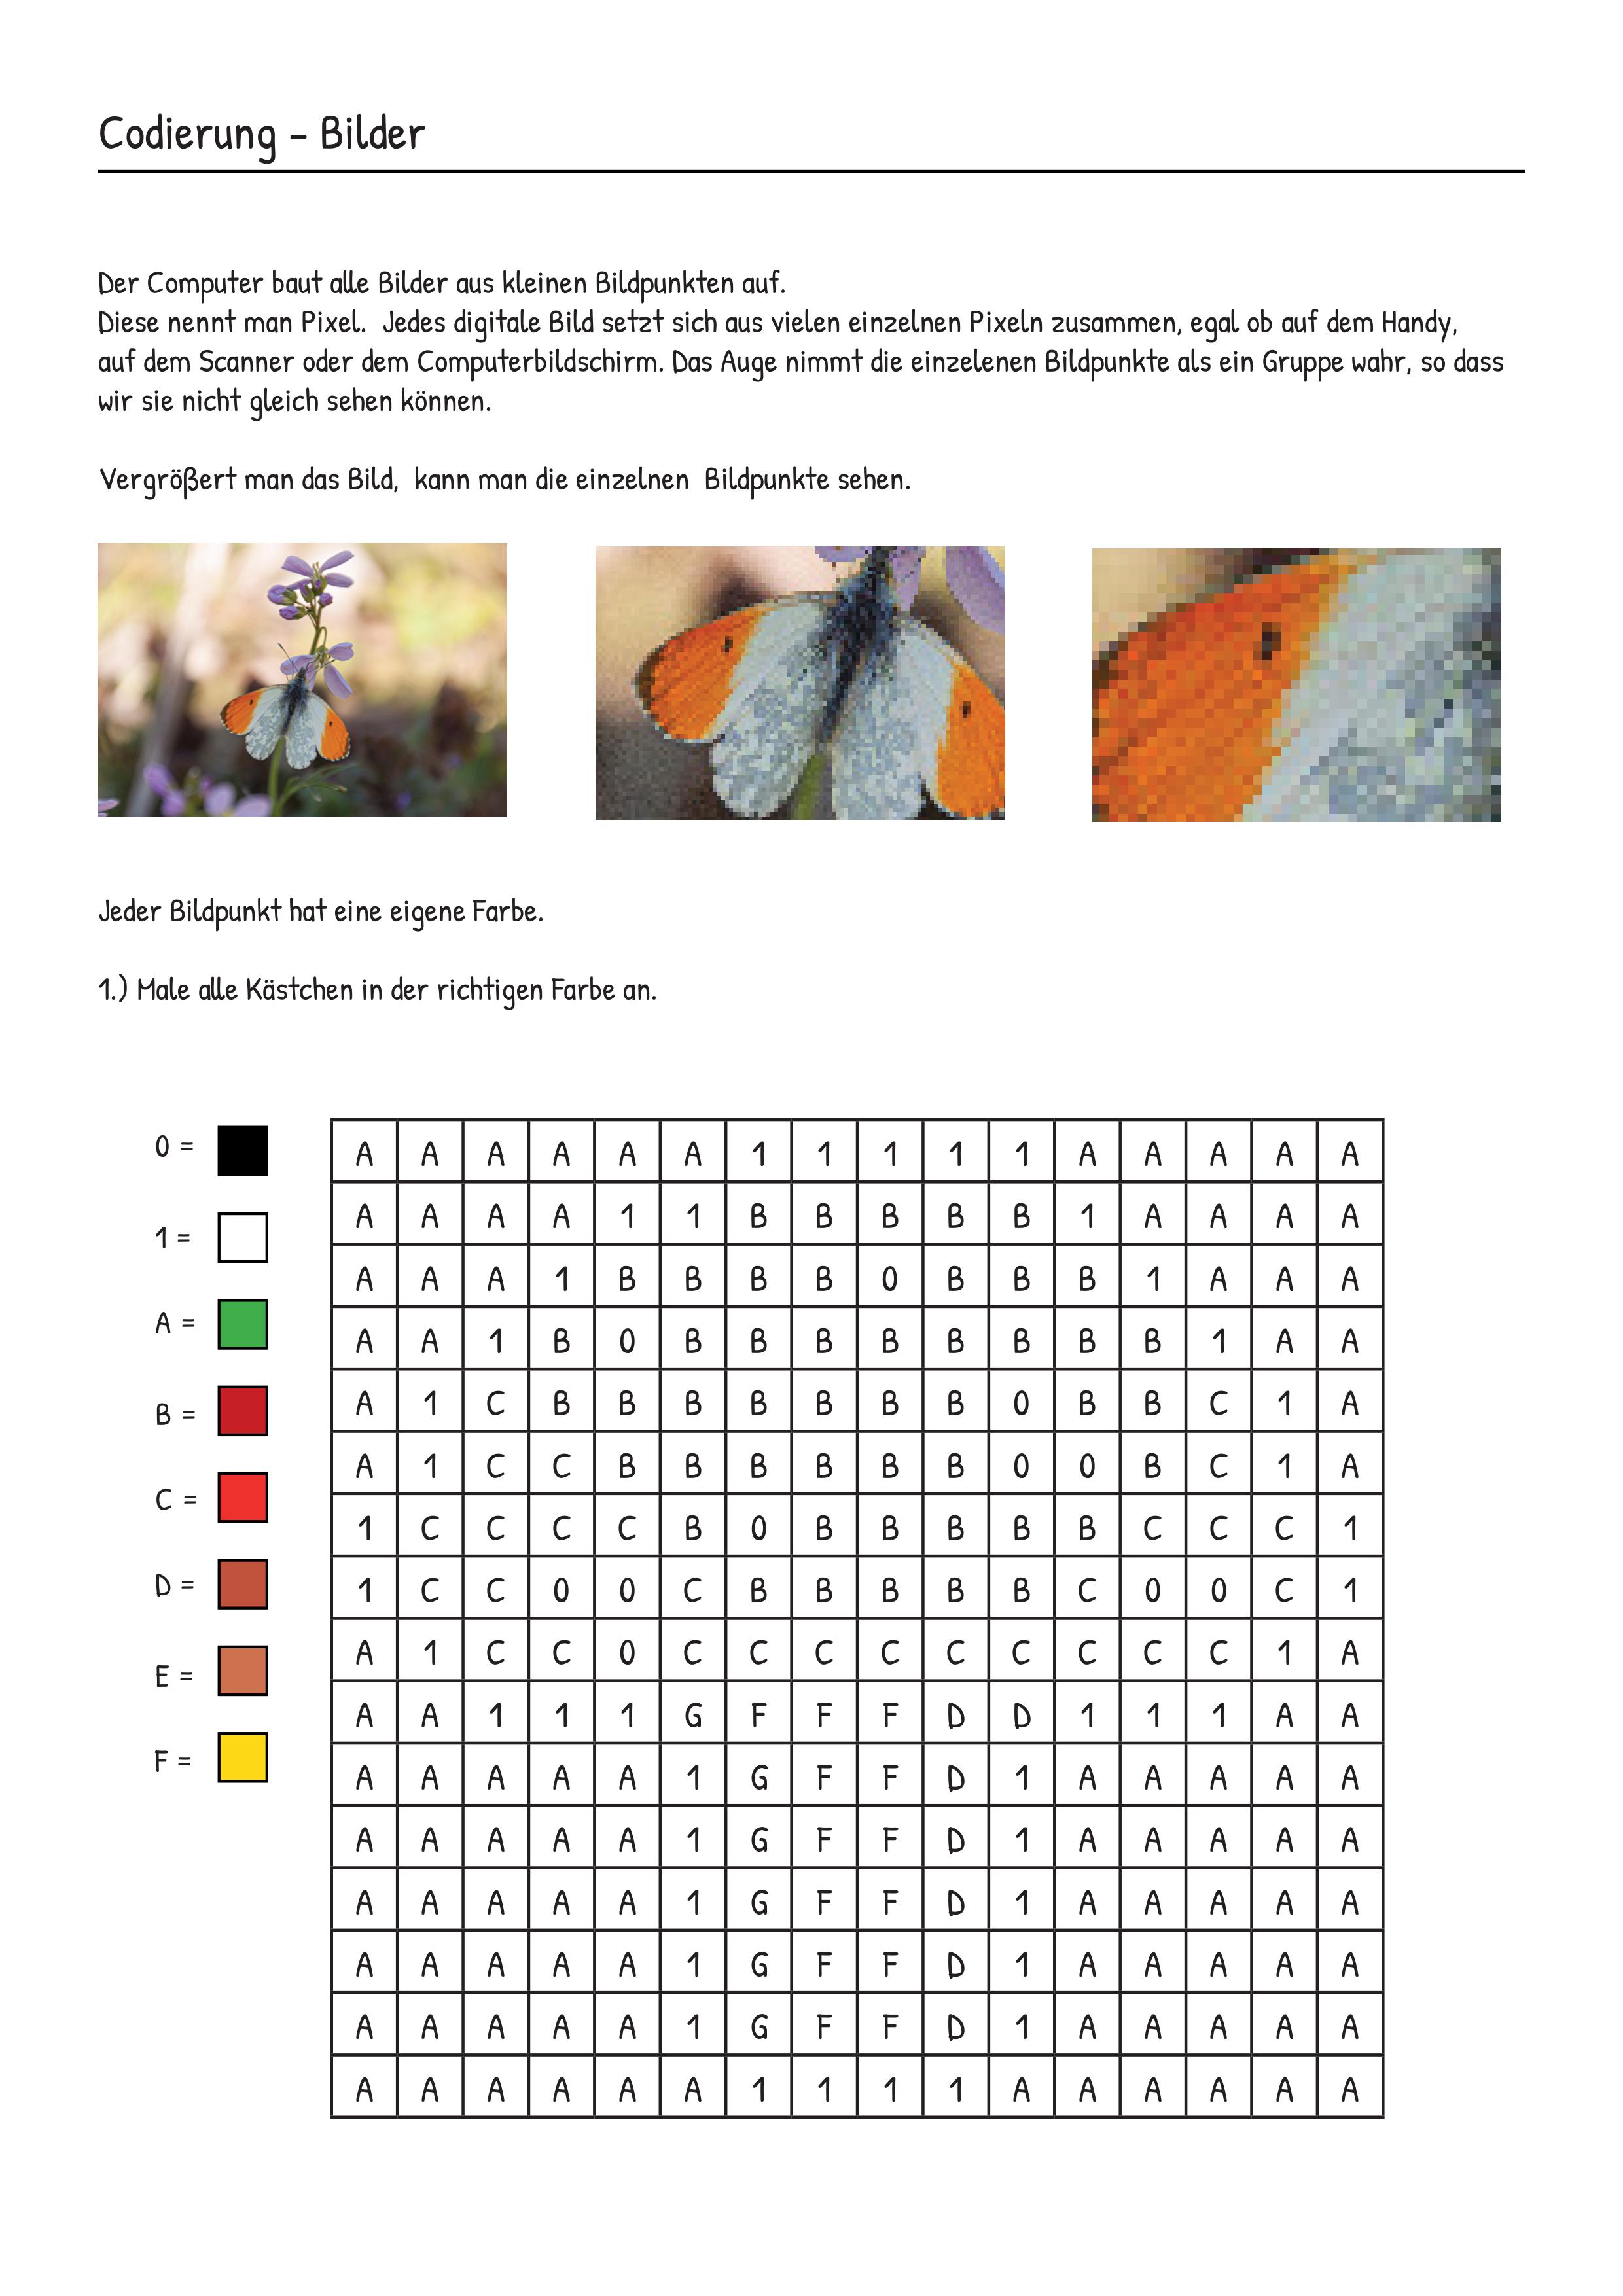 bilder pixel codierung unterrichtsmaterial im fach informatik itg der computer vektorgrafik adobe hund